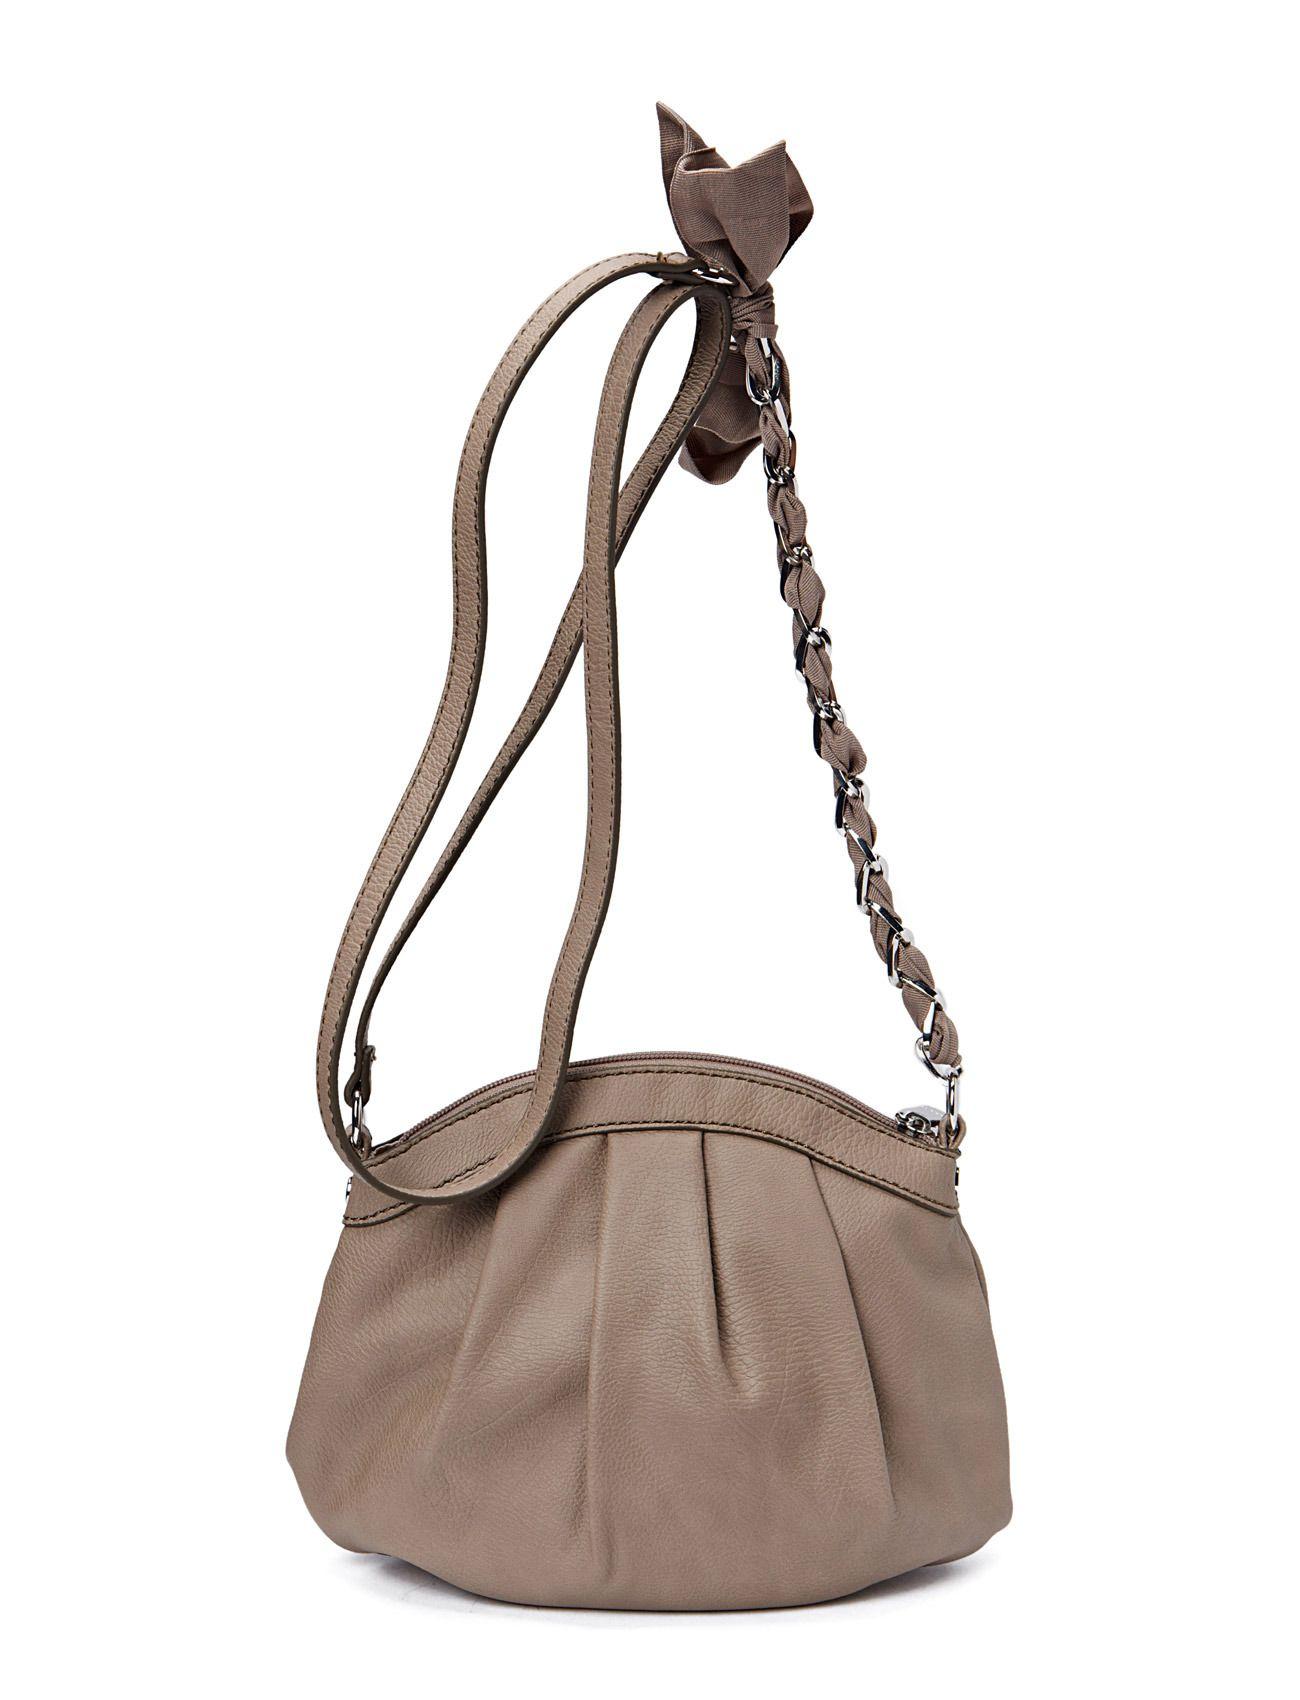 Esprit Accessories Bag